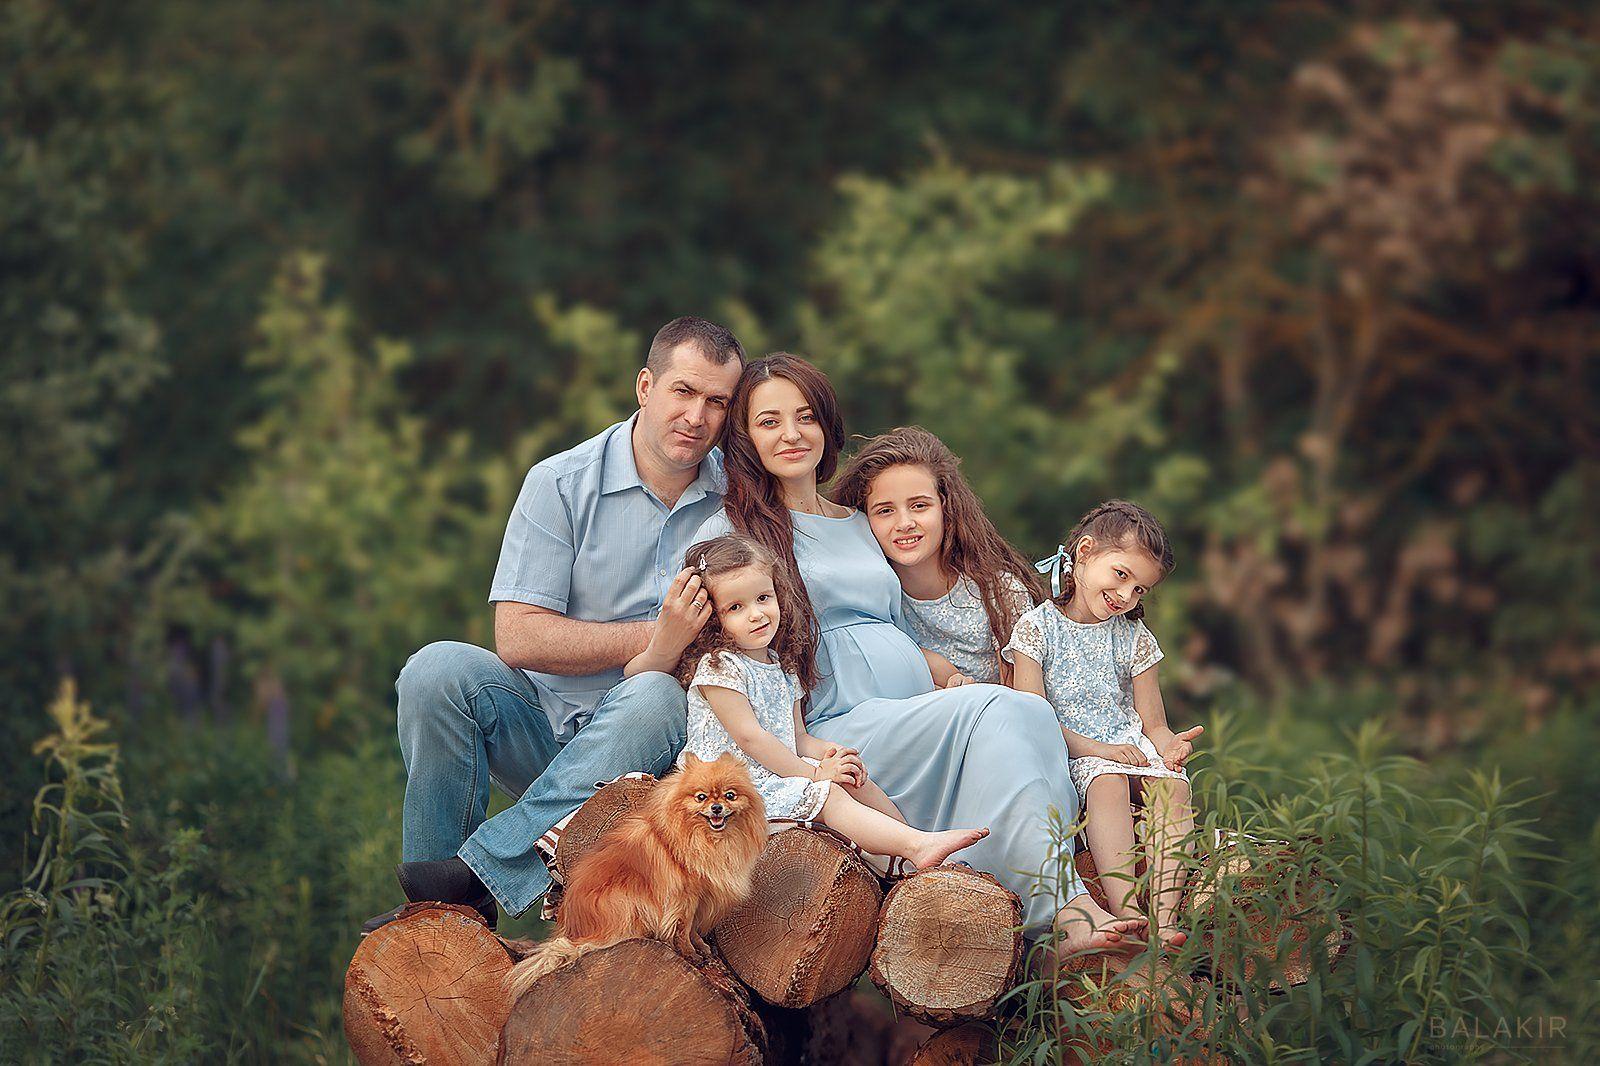 семья, портрет, дети, Ольга Балакир